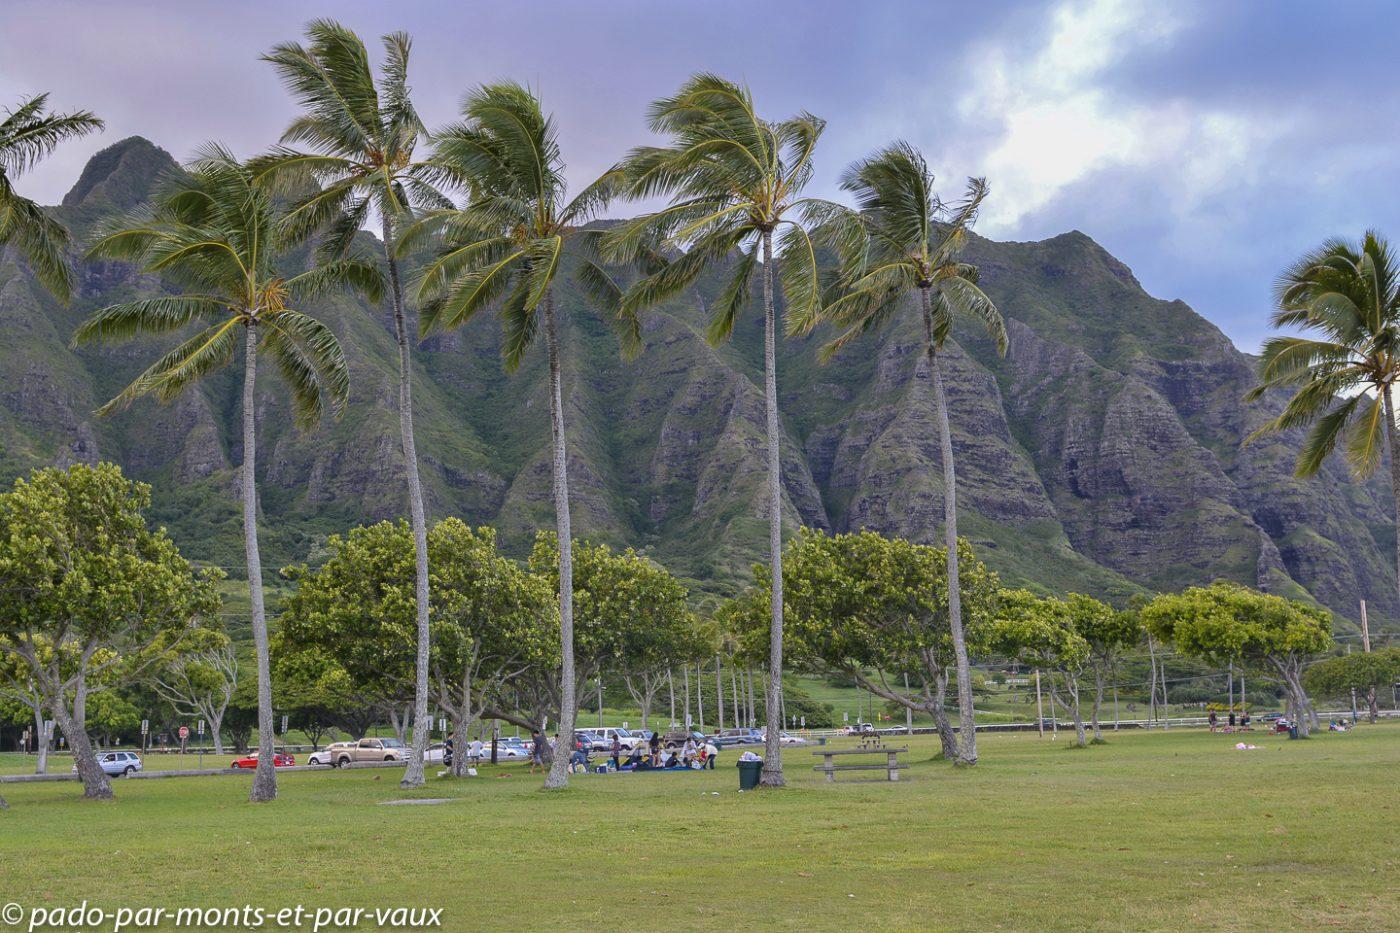 Oahu - North Shore - Kualoa park